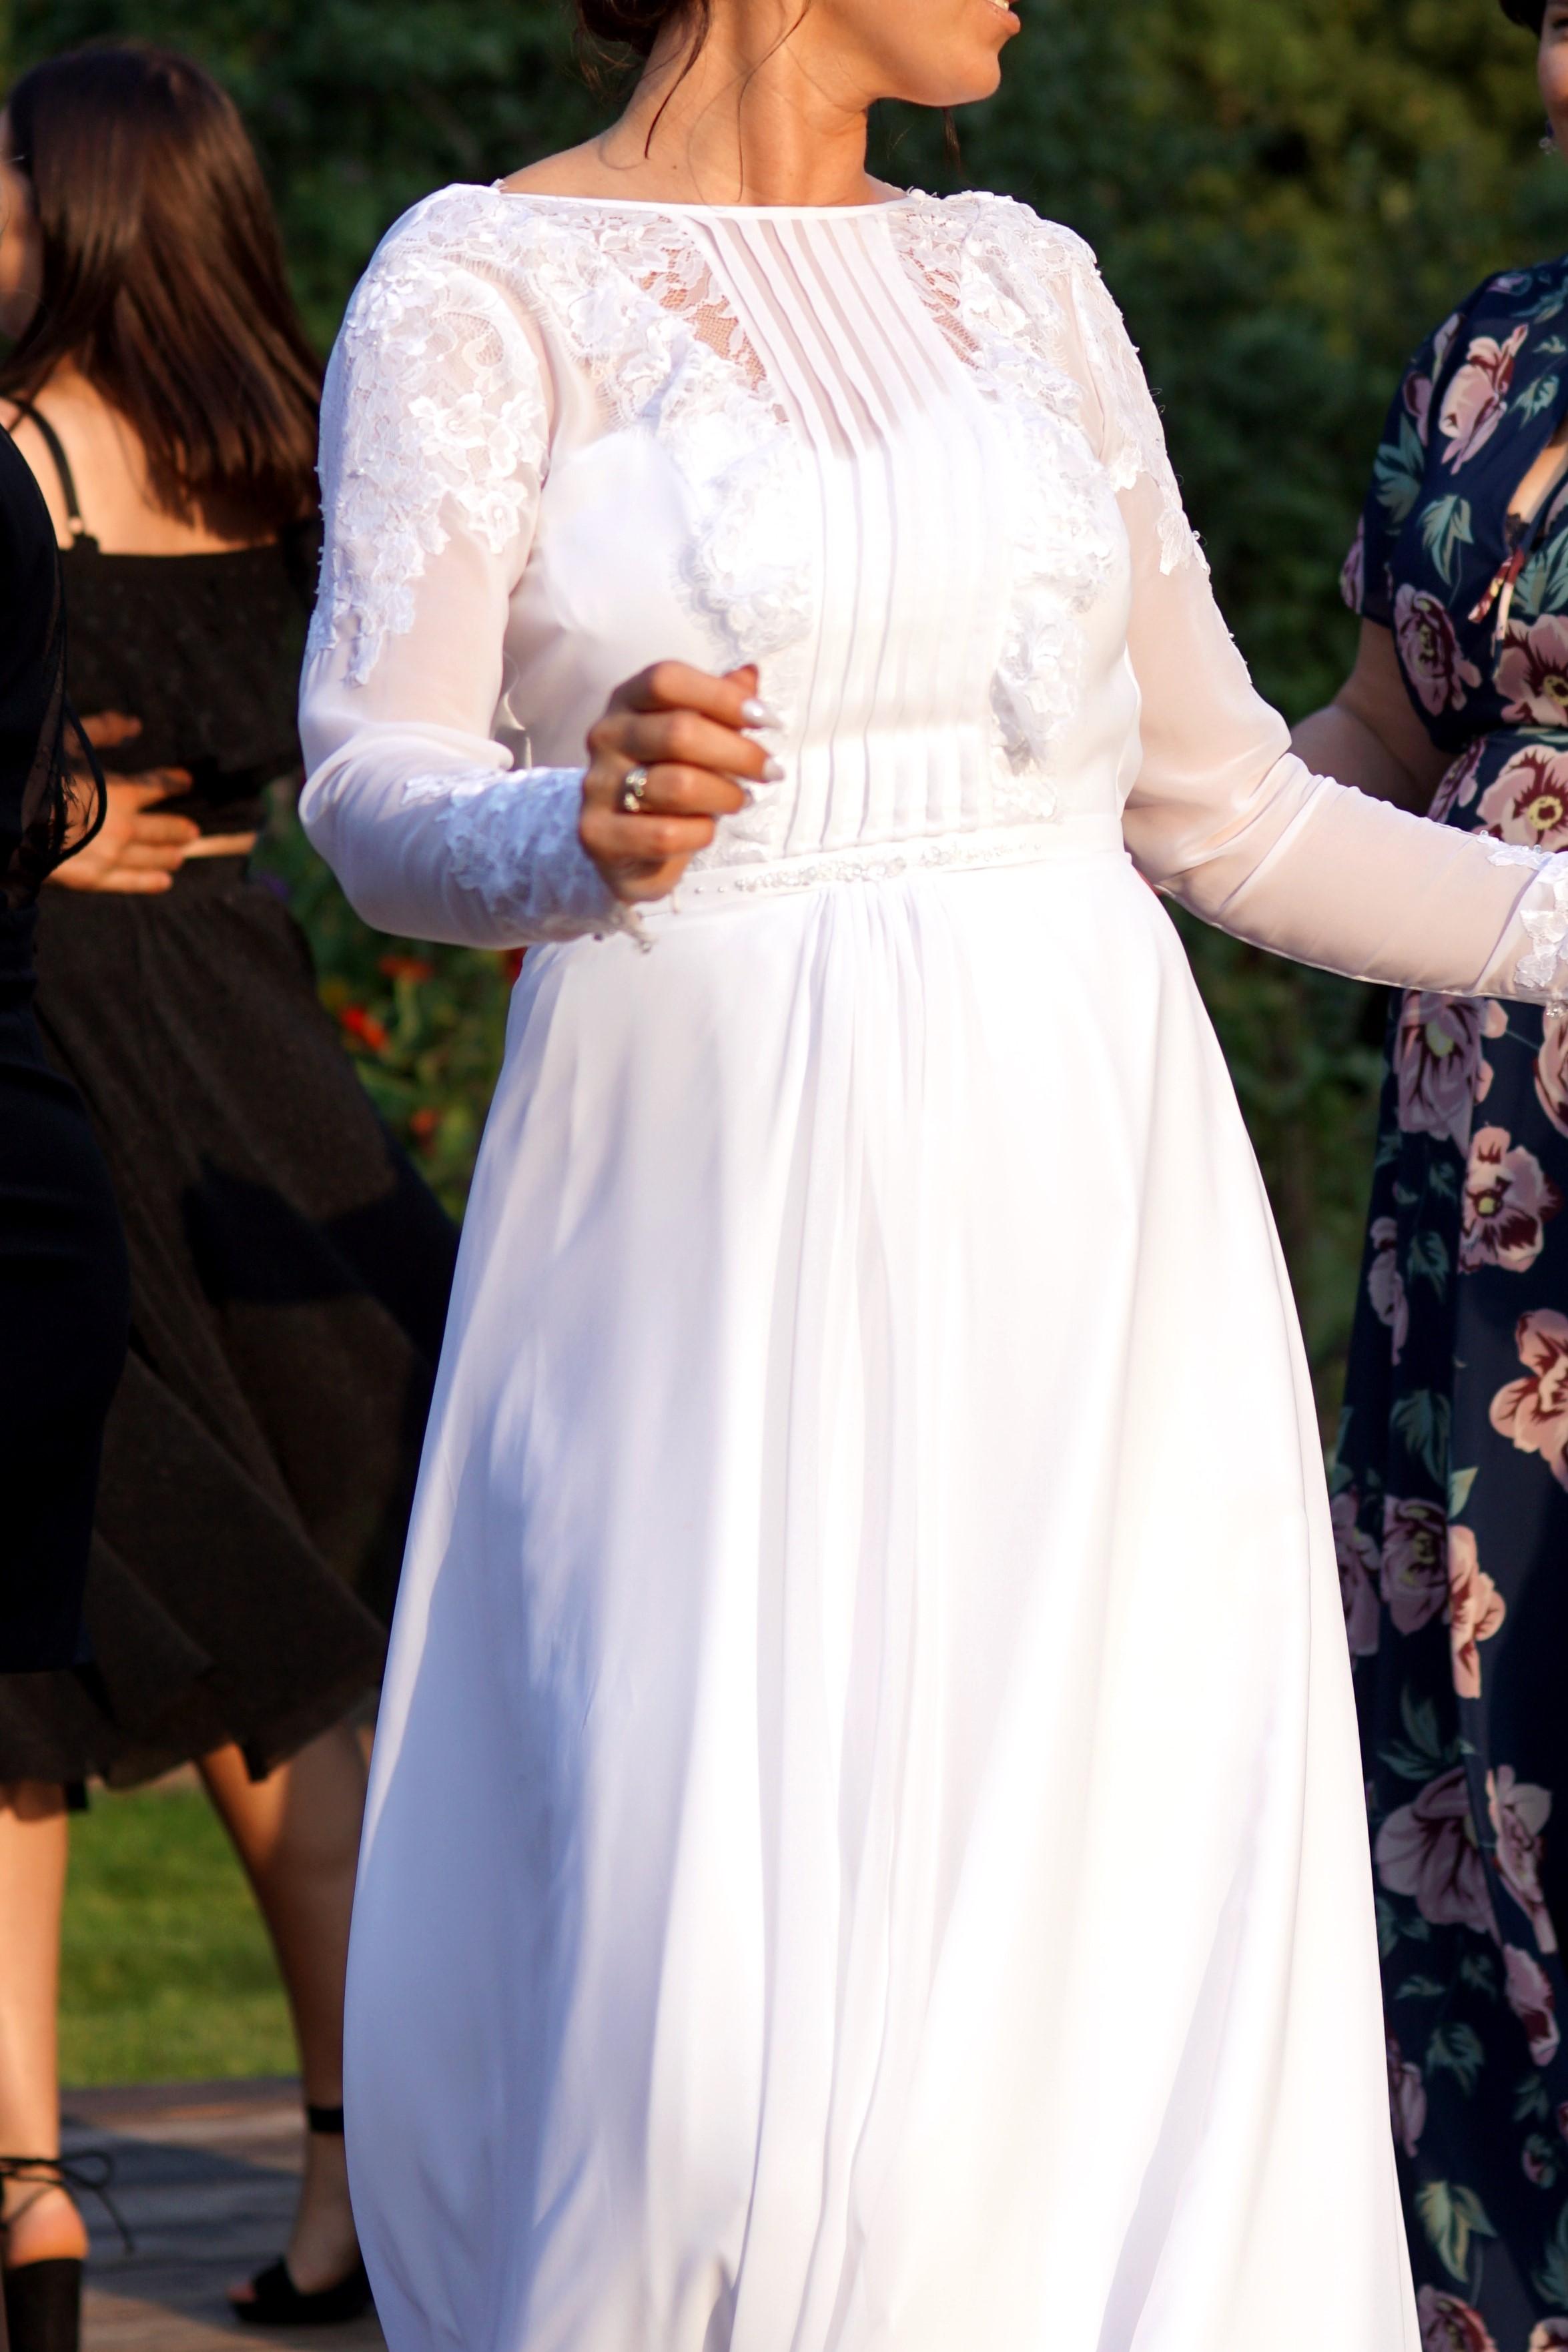 14e7add02d Piękna Biała suknia Boho Iwona Kutnik Atelier - Janow Lubelski ...